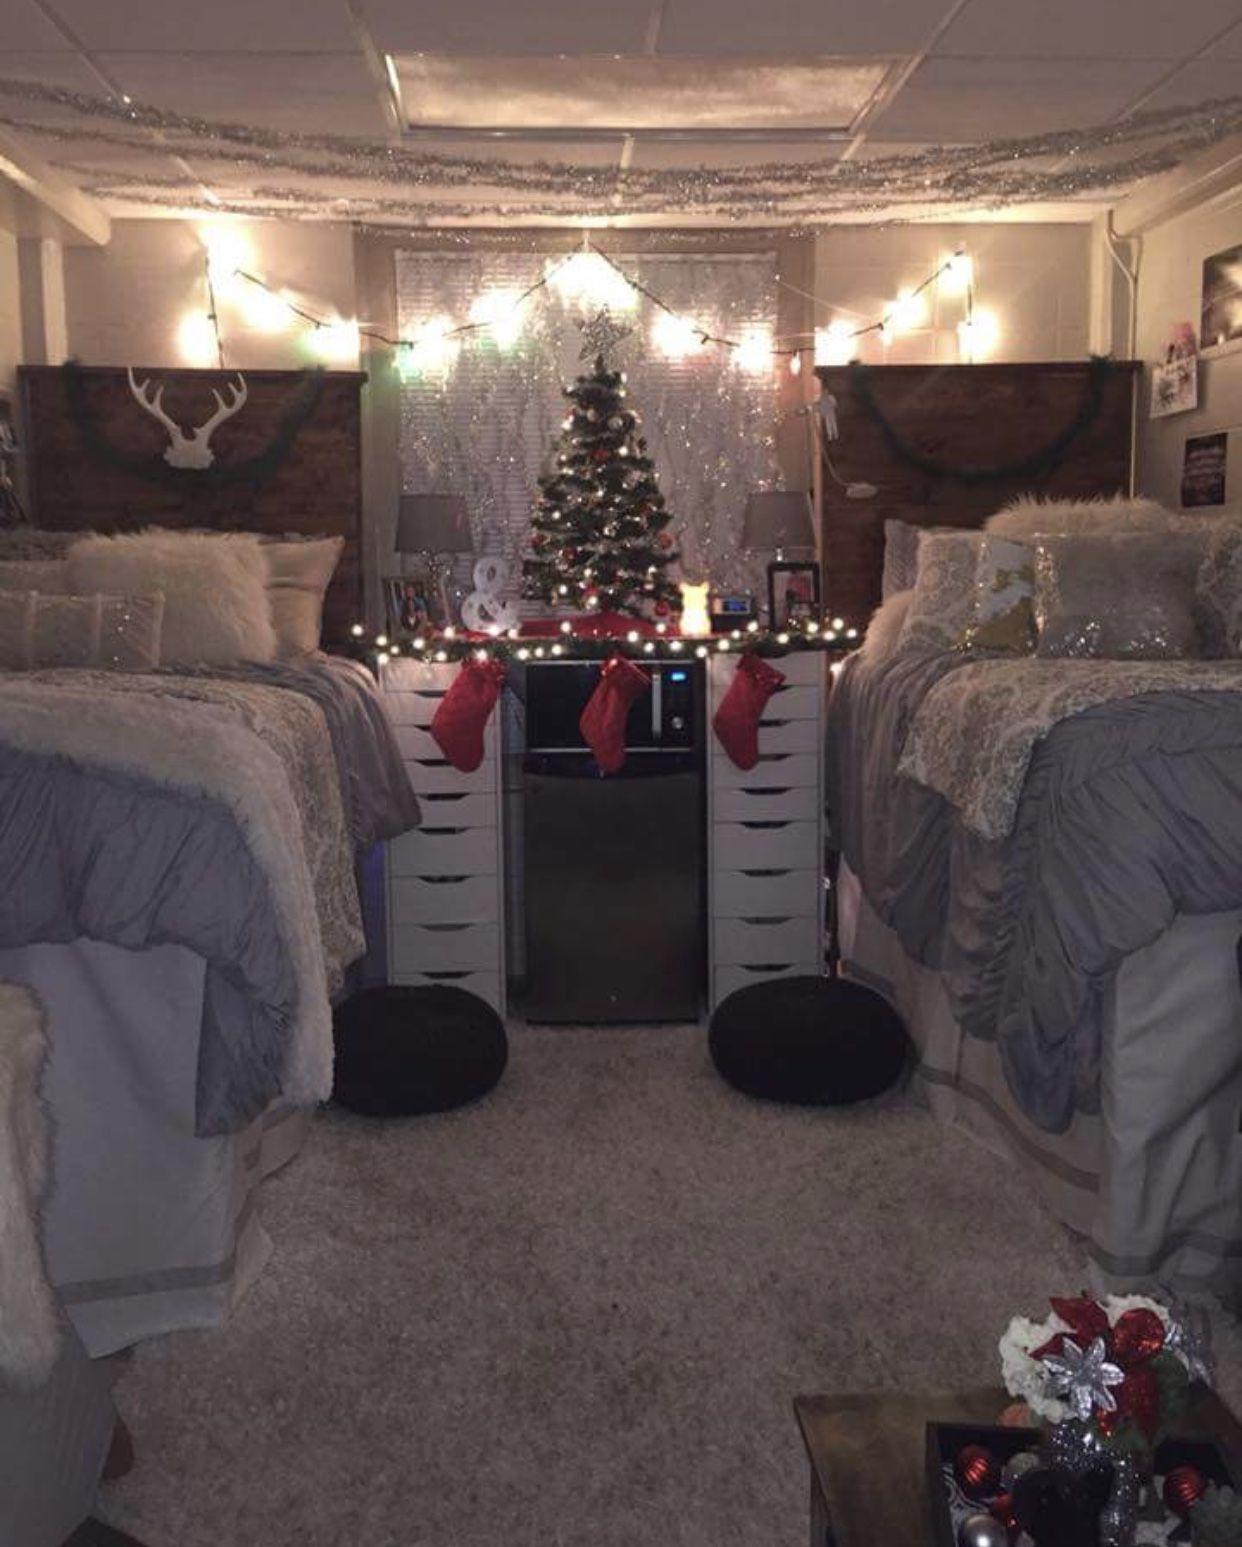 Christmas Decor For Dorm Room Christmas Dorm College Dorm Room Decor Holiday Room